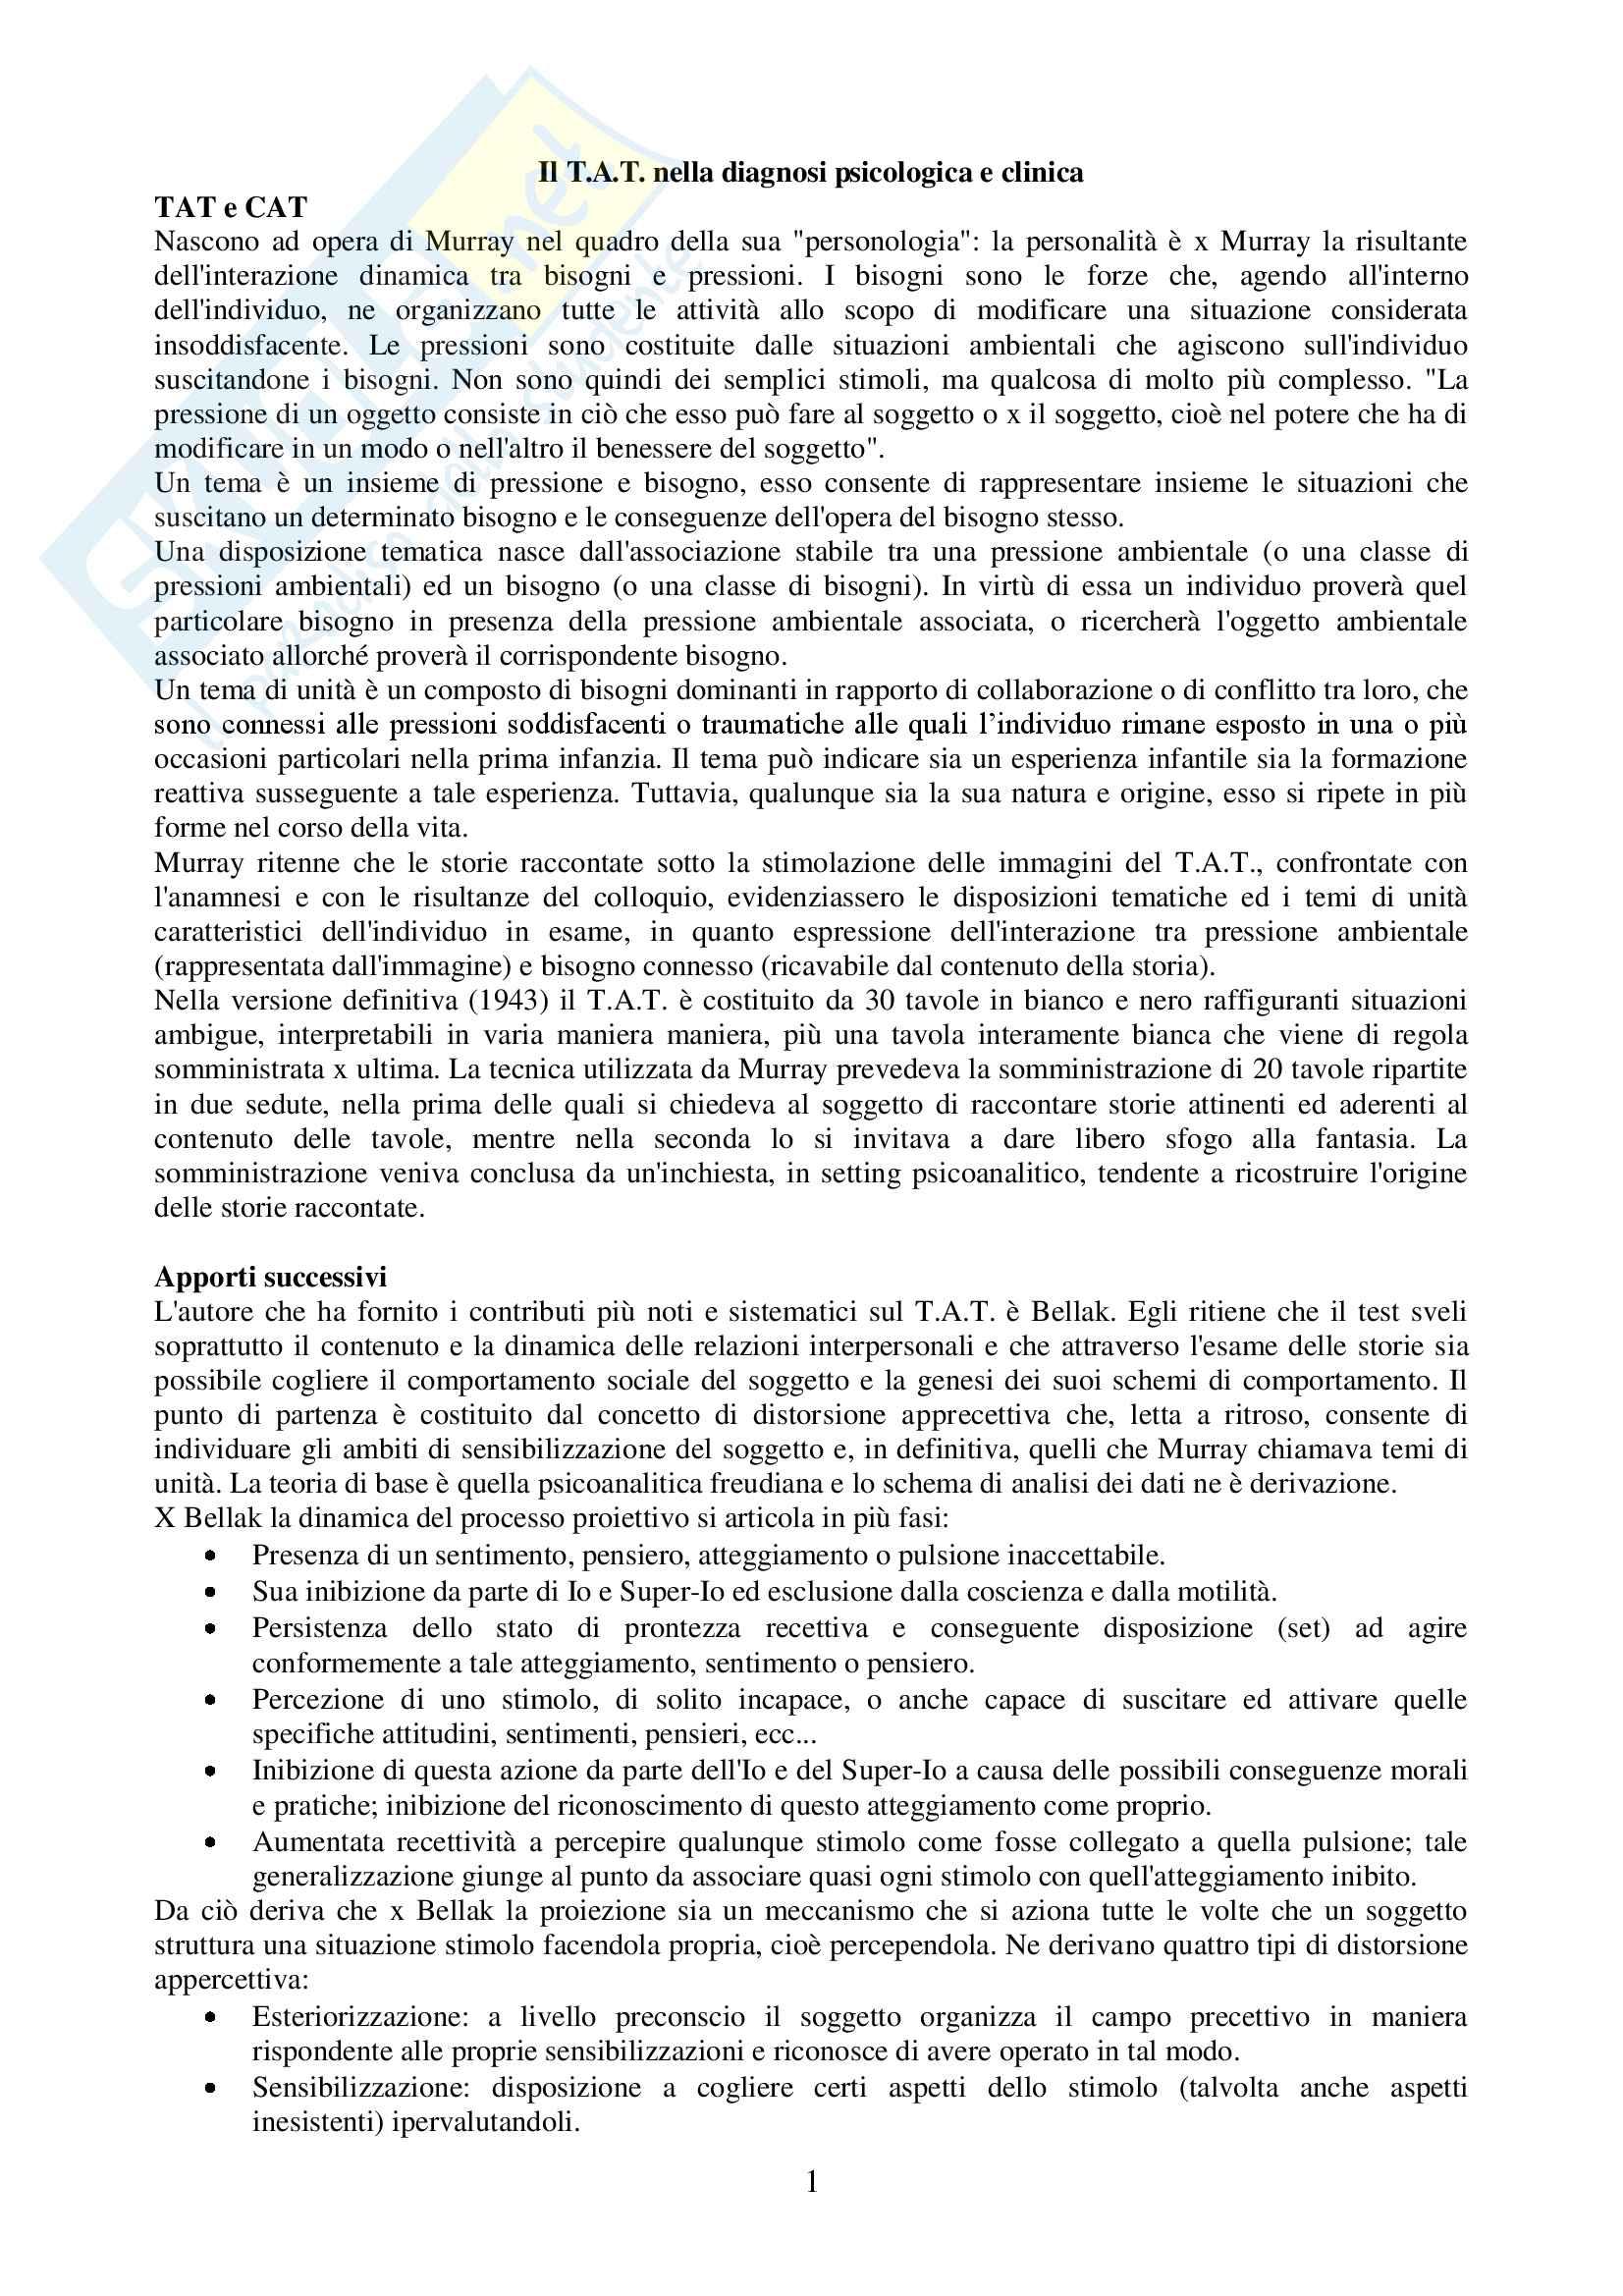 Riassunto esame Psicologia dei test di personalità, Prof. Santo Di Nuovo, testo consigliato Il TAT nella diagnosi psicologica e clinica, Franco Angeli Milano, 1998